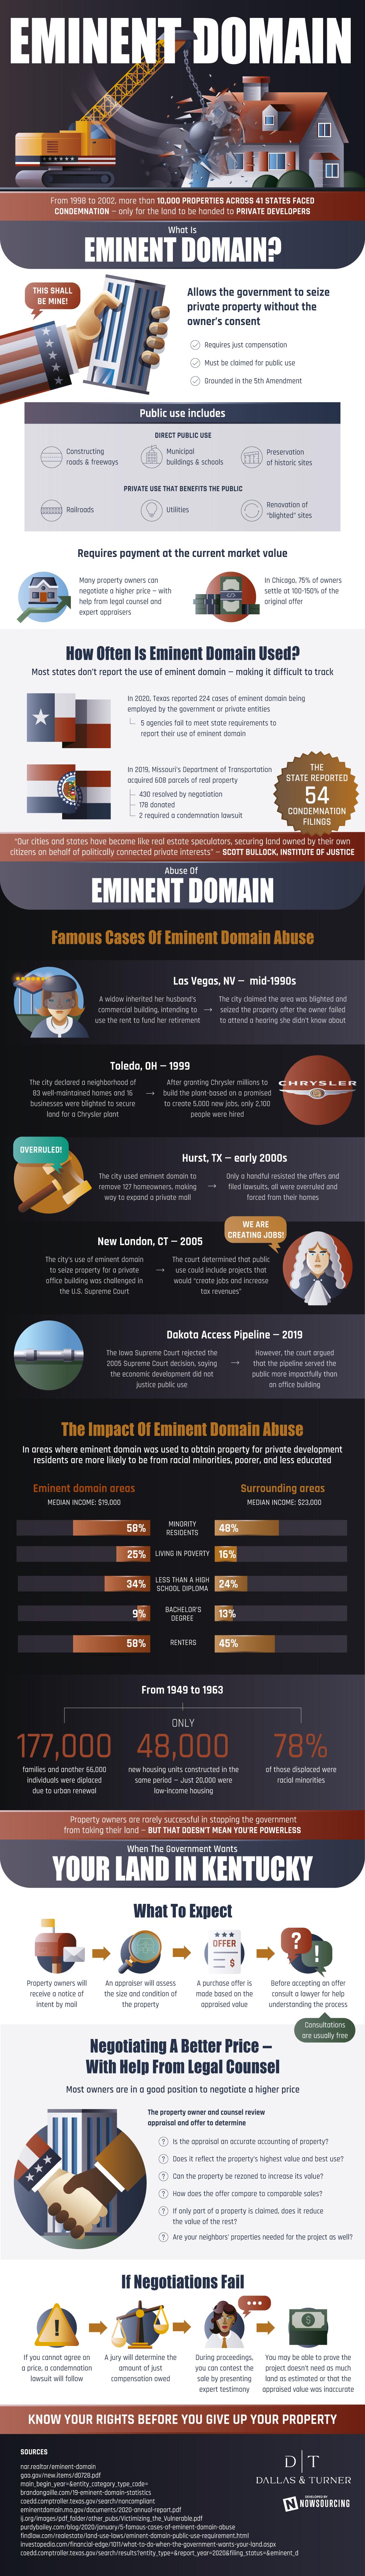 infografica dominio eminente